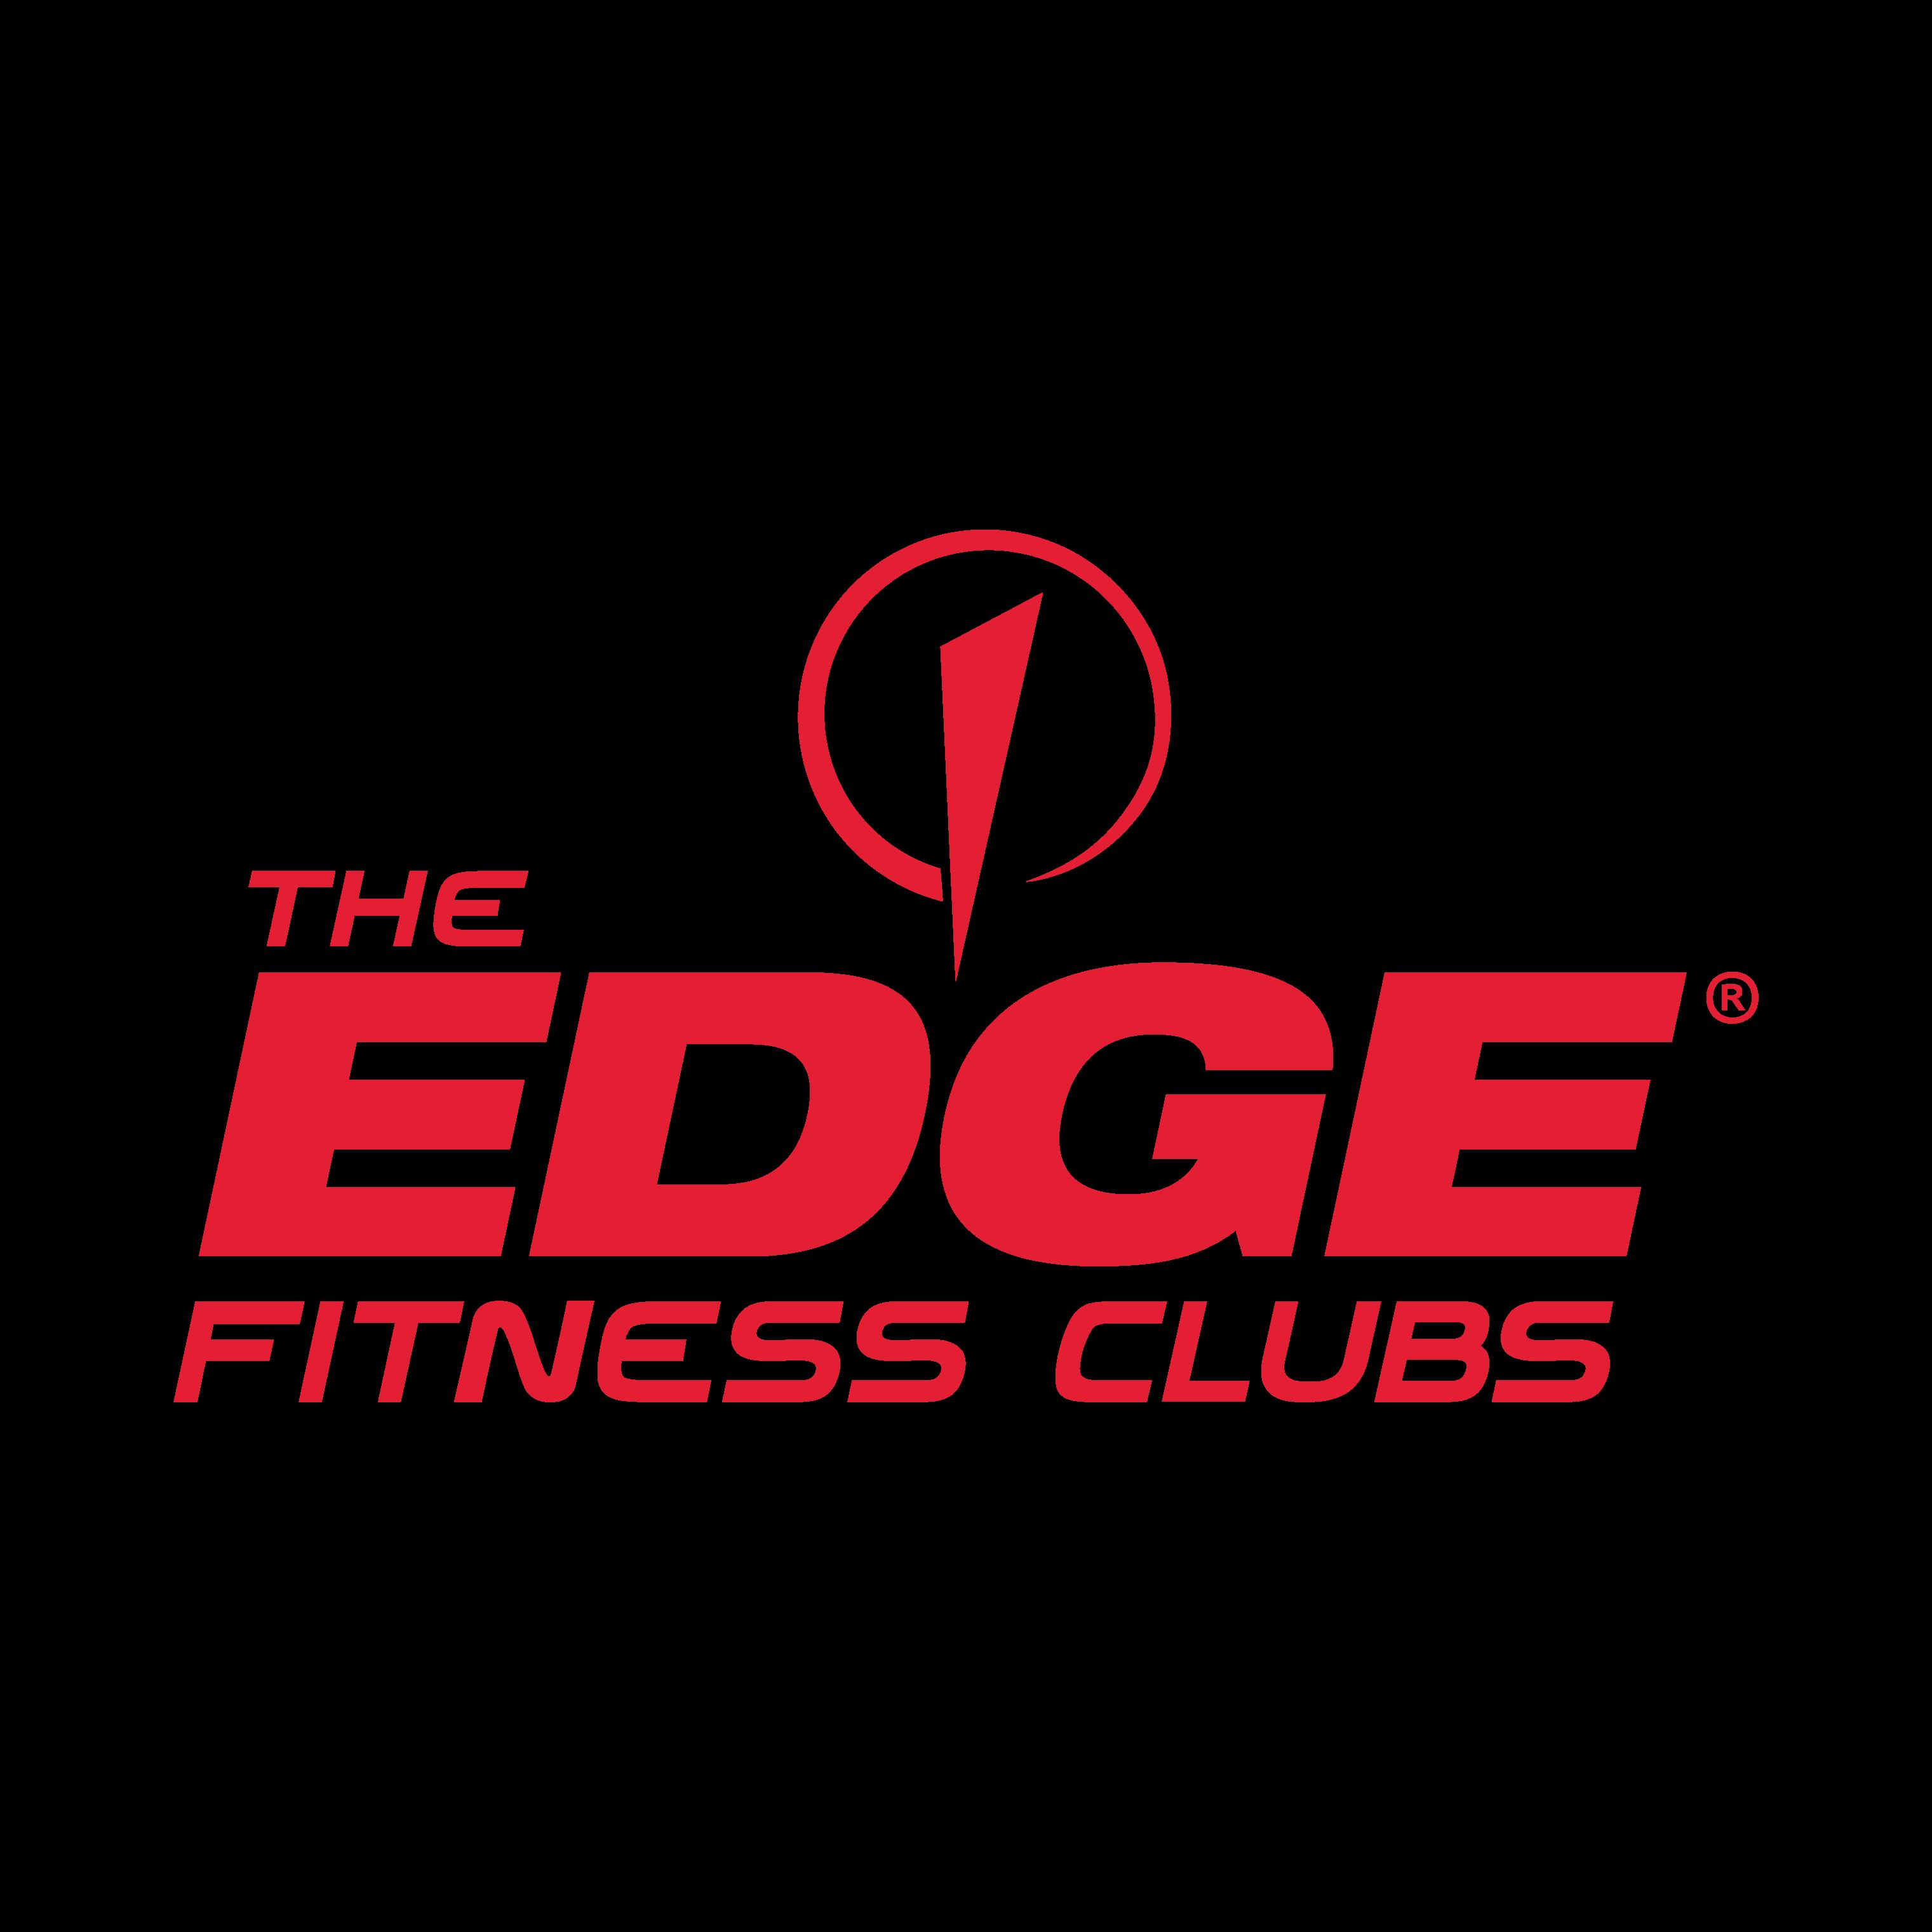 FORTË - The Edge